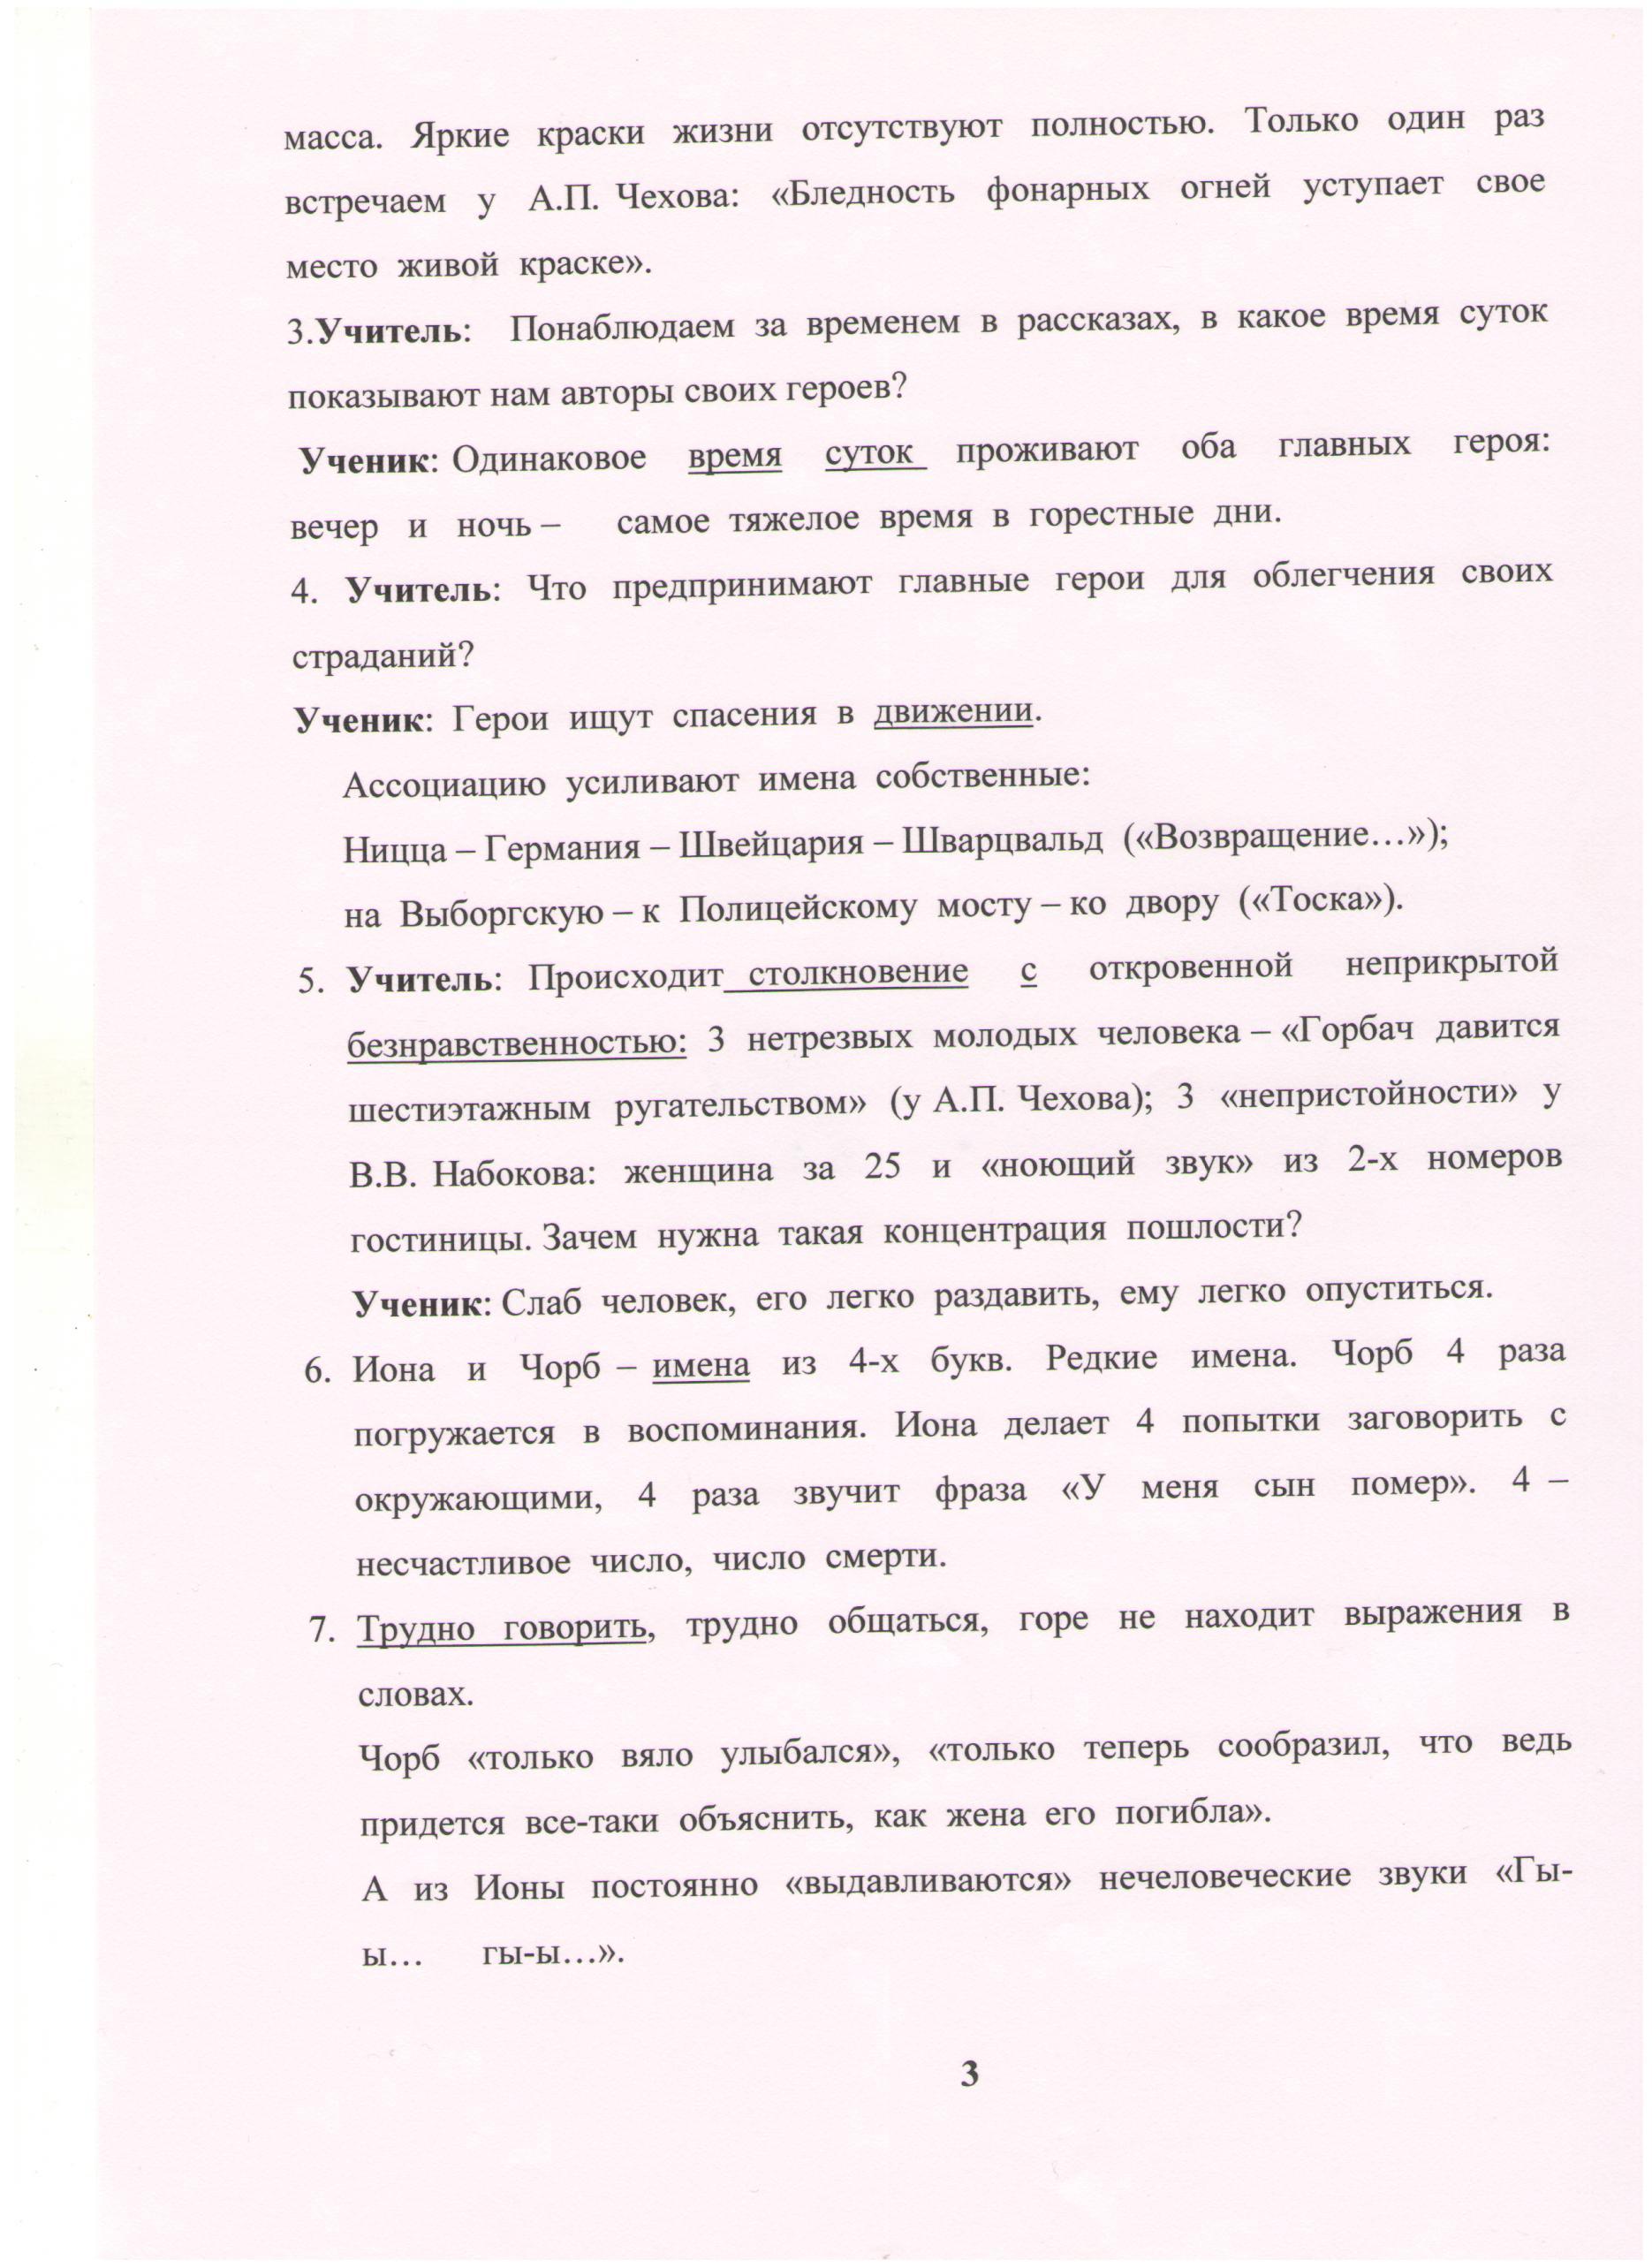 C:\Documents and Settings\Учитель\Рабочий стол\Новая папка\Работа Светы 28.jpg